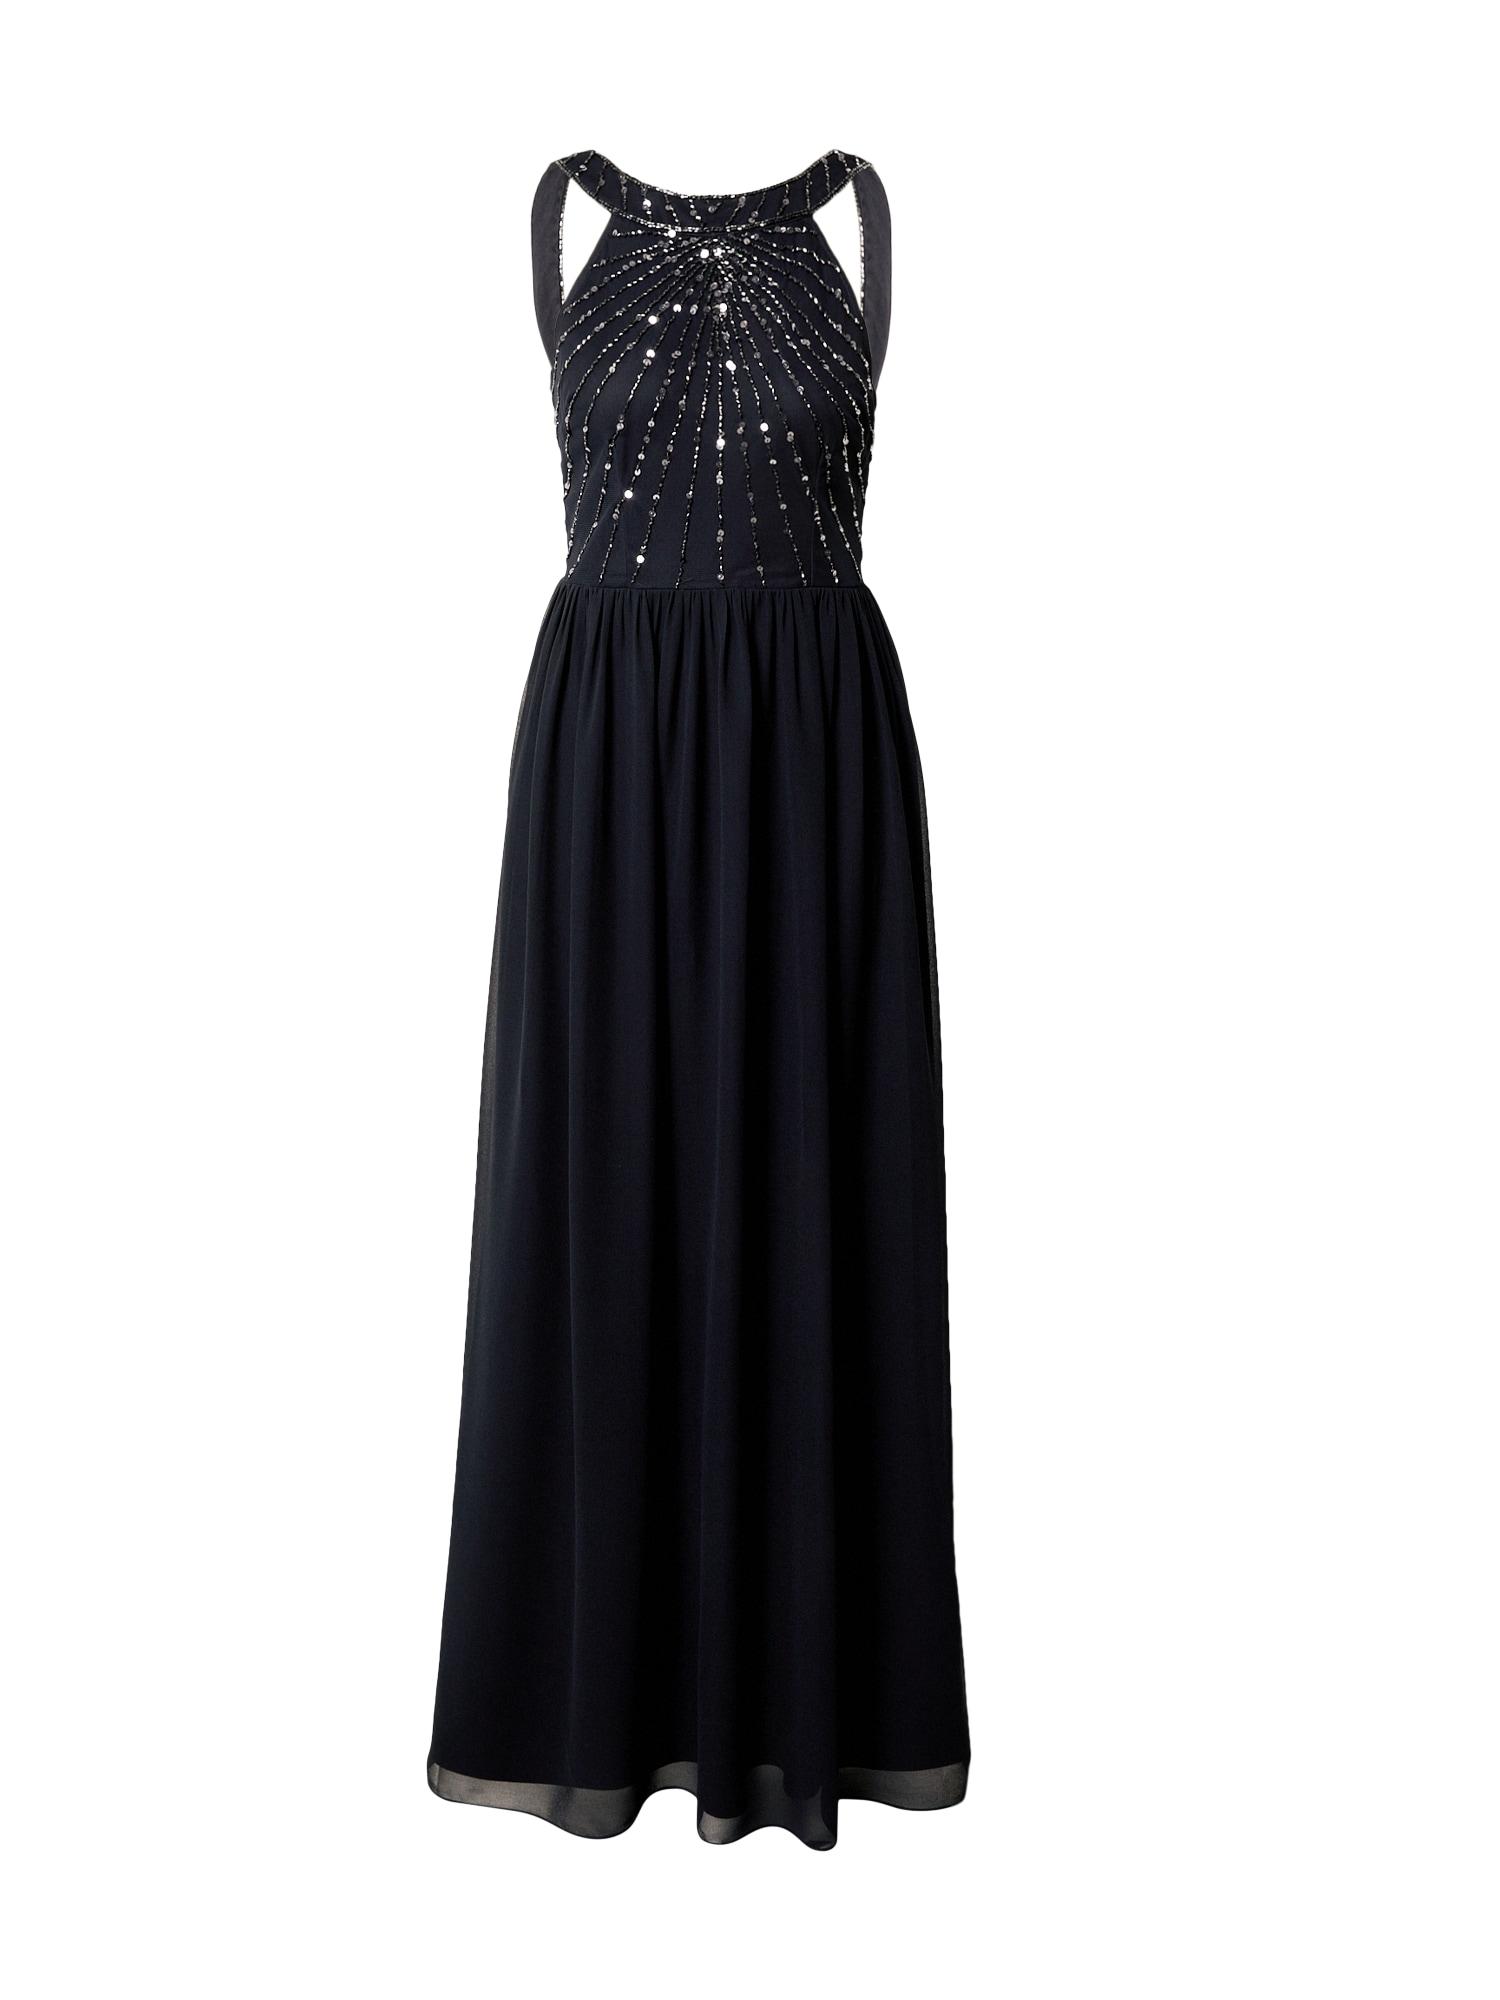 Hailey Logan Vakarinė suknelė ultramarino mėlyna (skaidri) / sidabro pilka